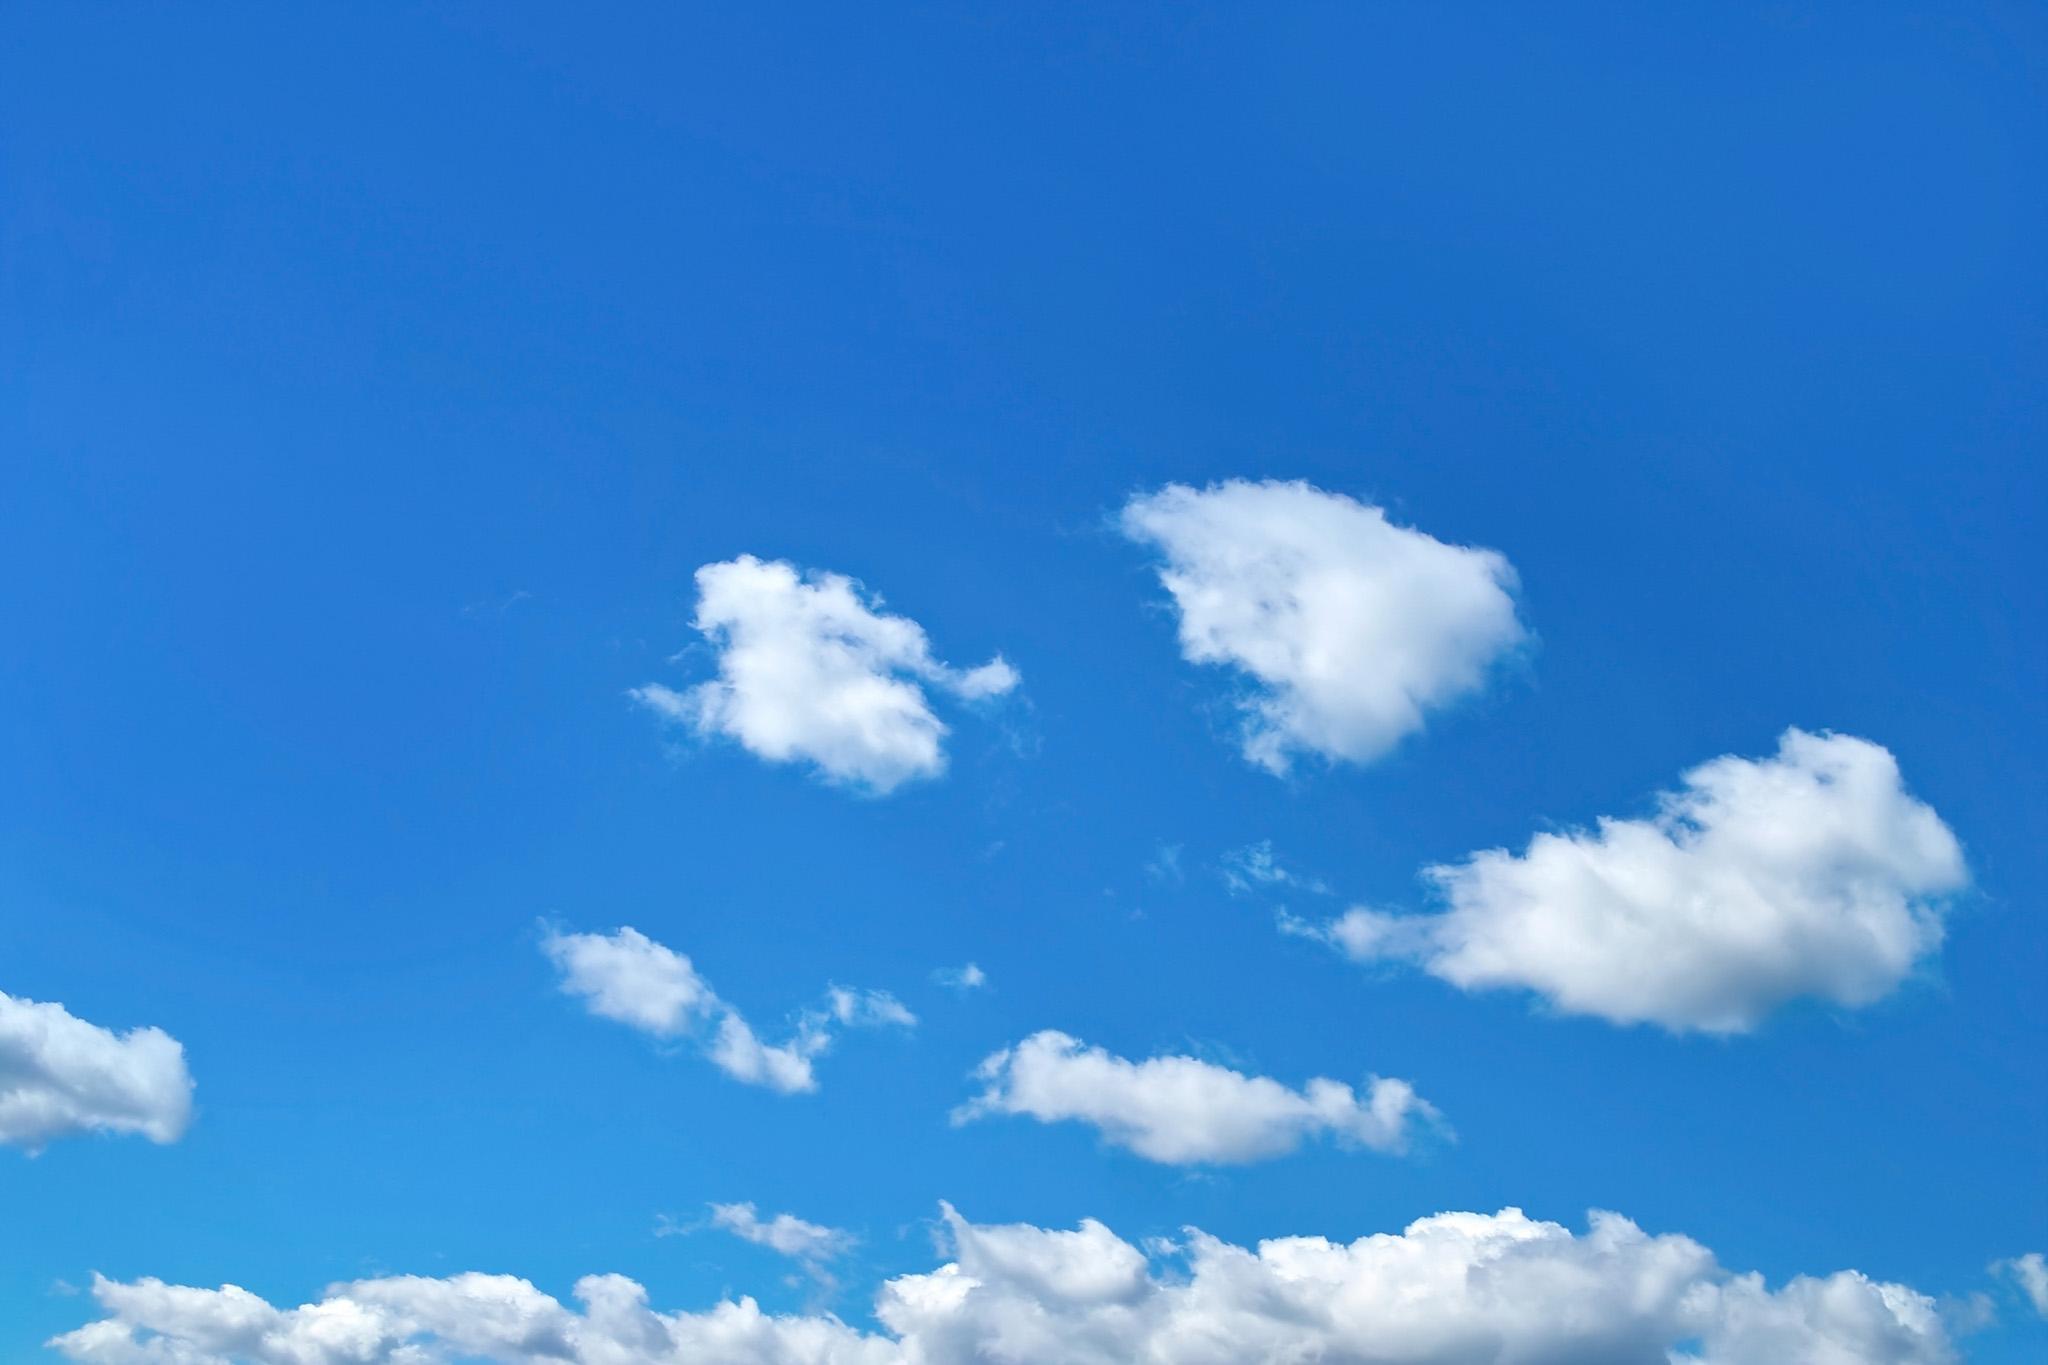 「青空を泳ぐ真白の綿雲」